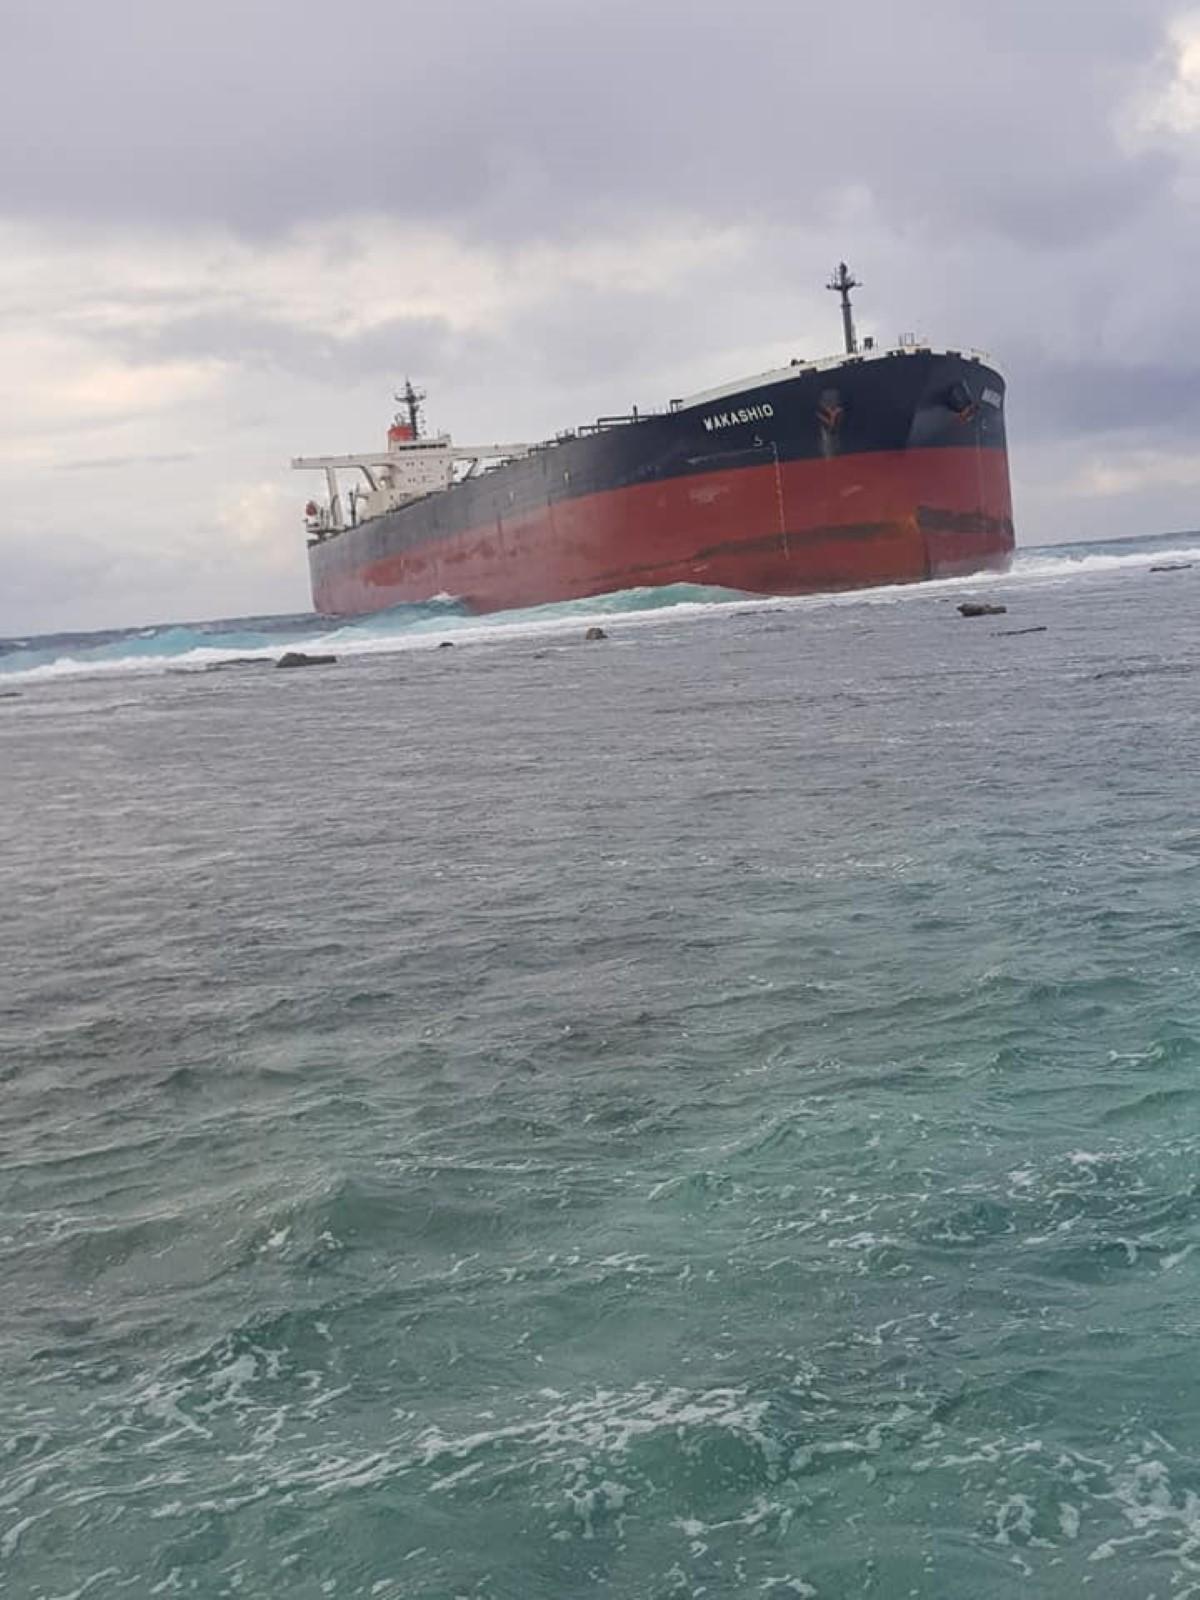 Pointe d'Esny : Les 10 membres de l'équipage du Wakashio en quarantaine